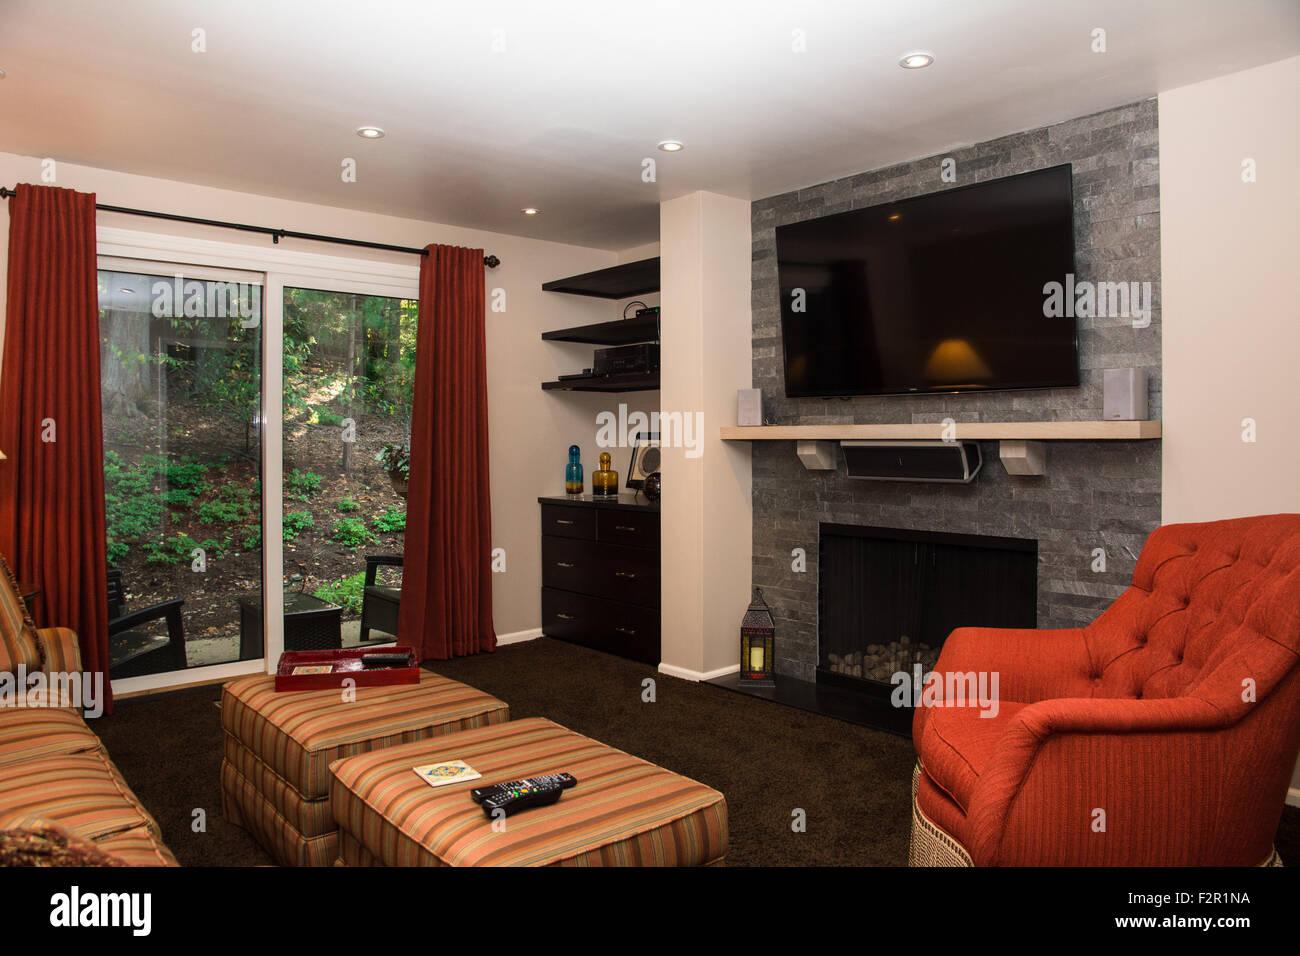 Ein Gemütliches Familienzimmer (Wohnzimmer) Mit Einem Kamin Und Einem  Großen Flachen TV (Fernsehen).